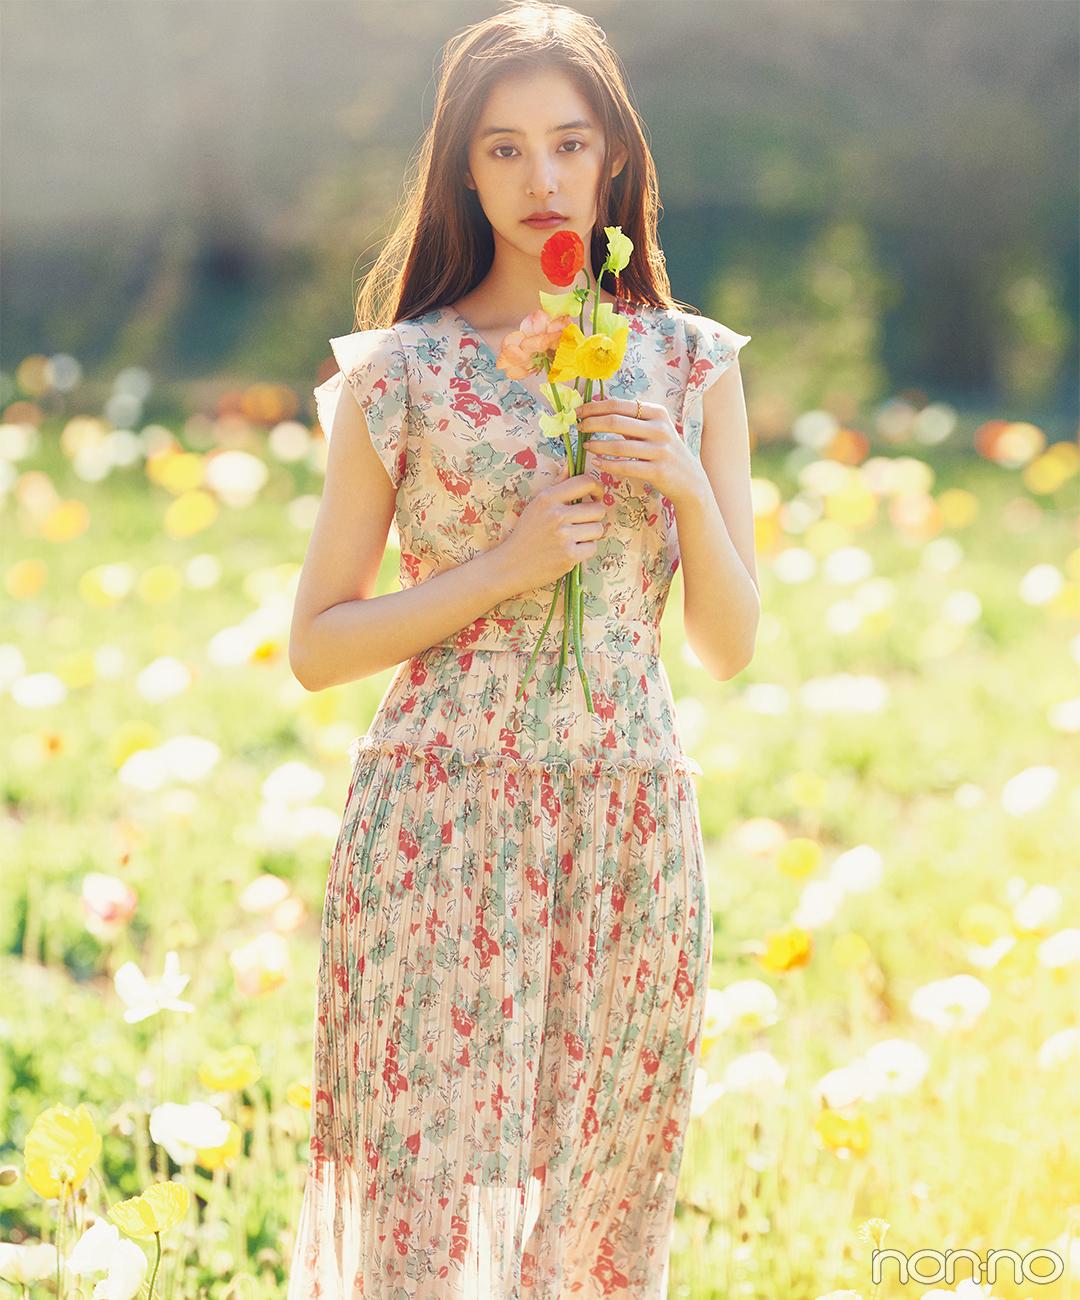 新木優子は透け感のあるアーティなワンピースで可憐に【毎日コーデ】